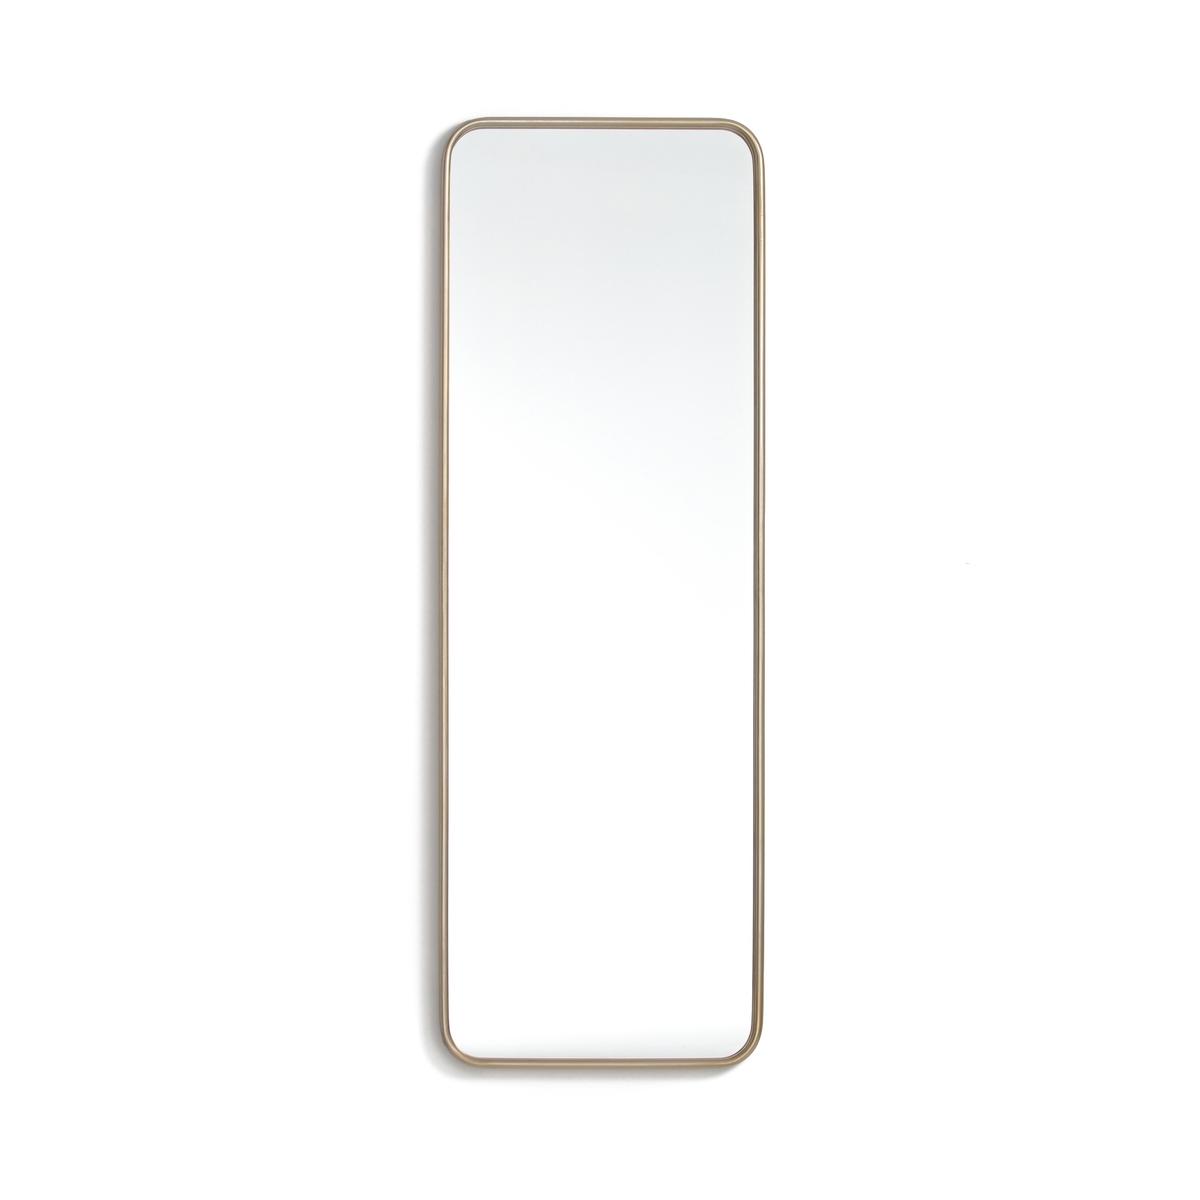 Зеркало винтажное, IodusОписание :- Рамка металлическая, отделка из латуни.- Крепления на стену (шурупы и дюбели не прилагаются).Размеры :Ширина : 40 смВысота : 120 см<br><br>Цвет: латунь